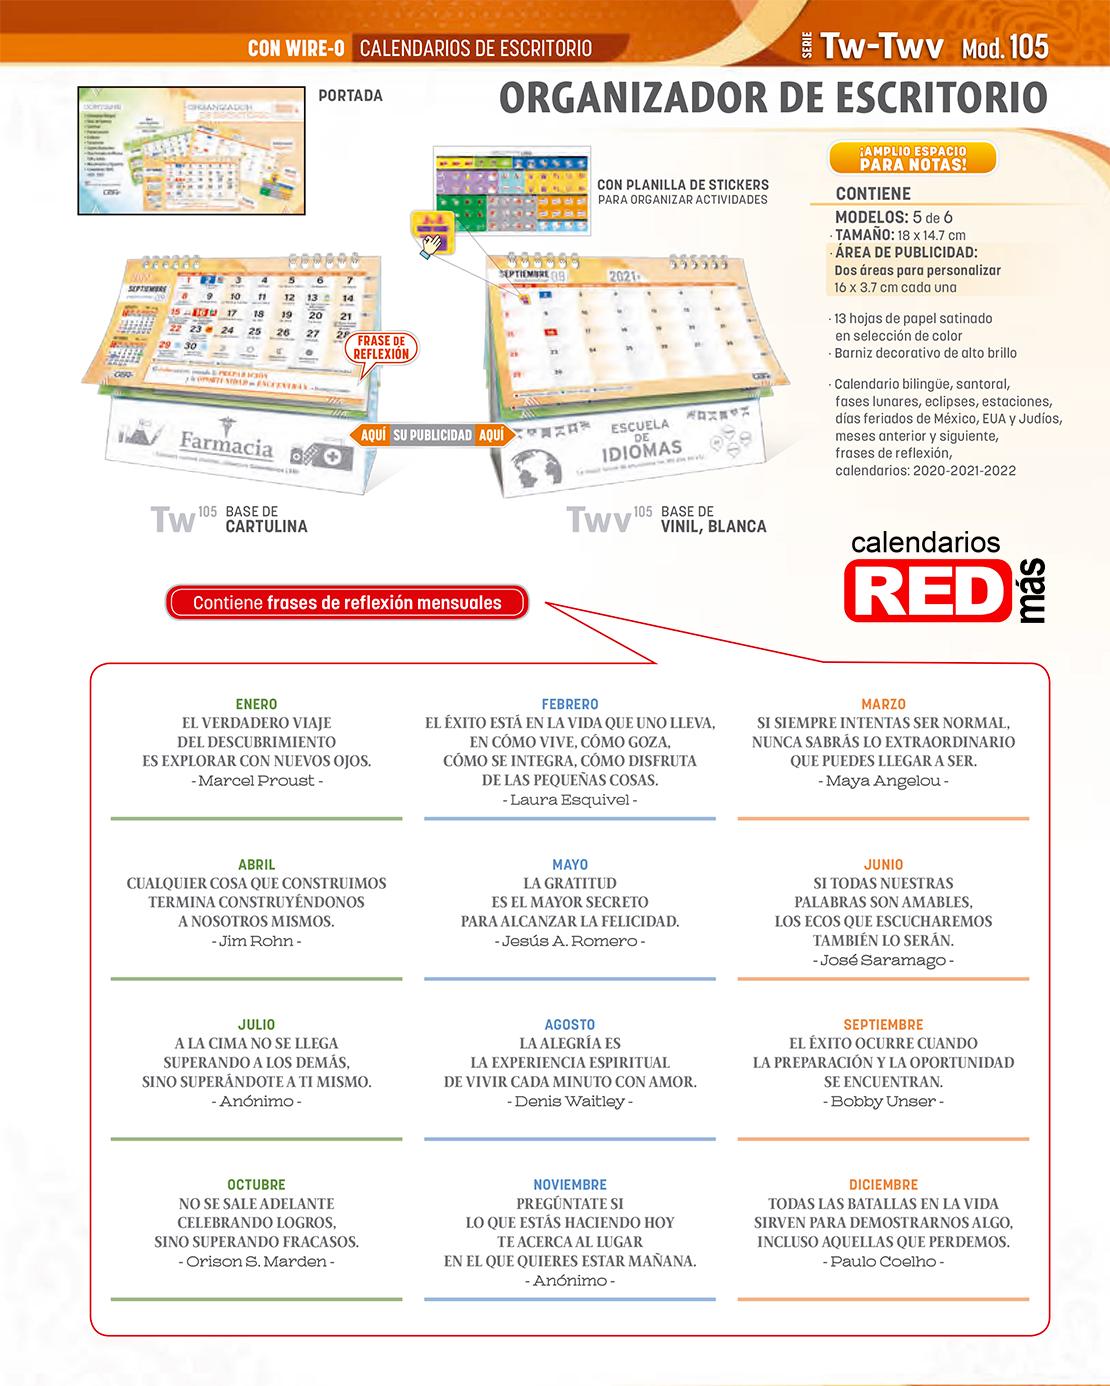 09-Catalogo-Calendarios-LEN-2021-organizador-de-escritorio-mod-105.jpg